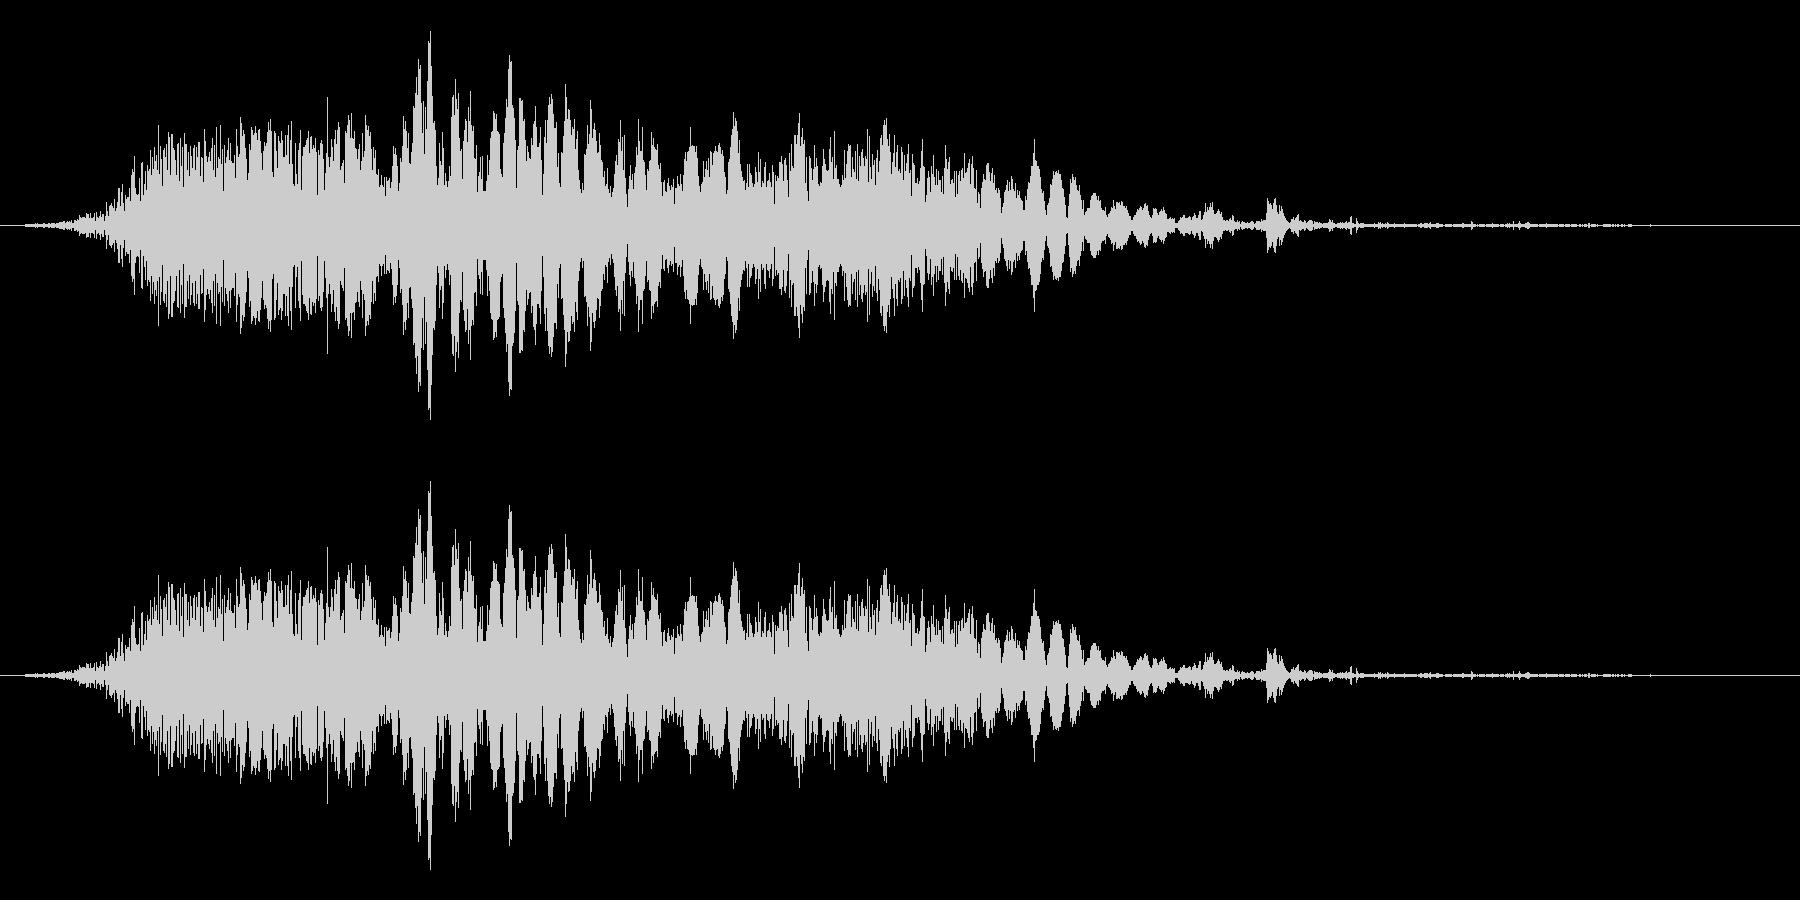 斬撃音(刀や剣で斬る/刺す効果音)14bの未再生の波形